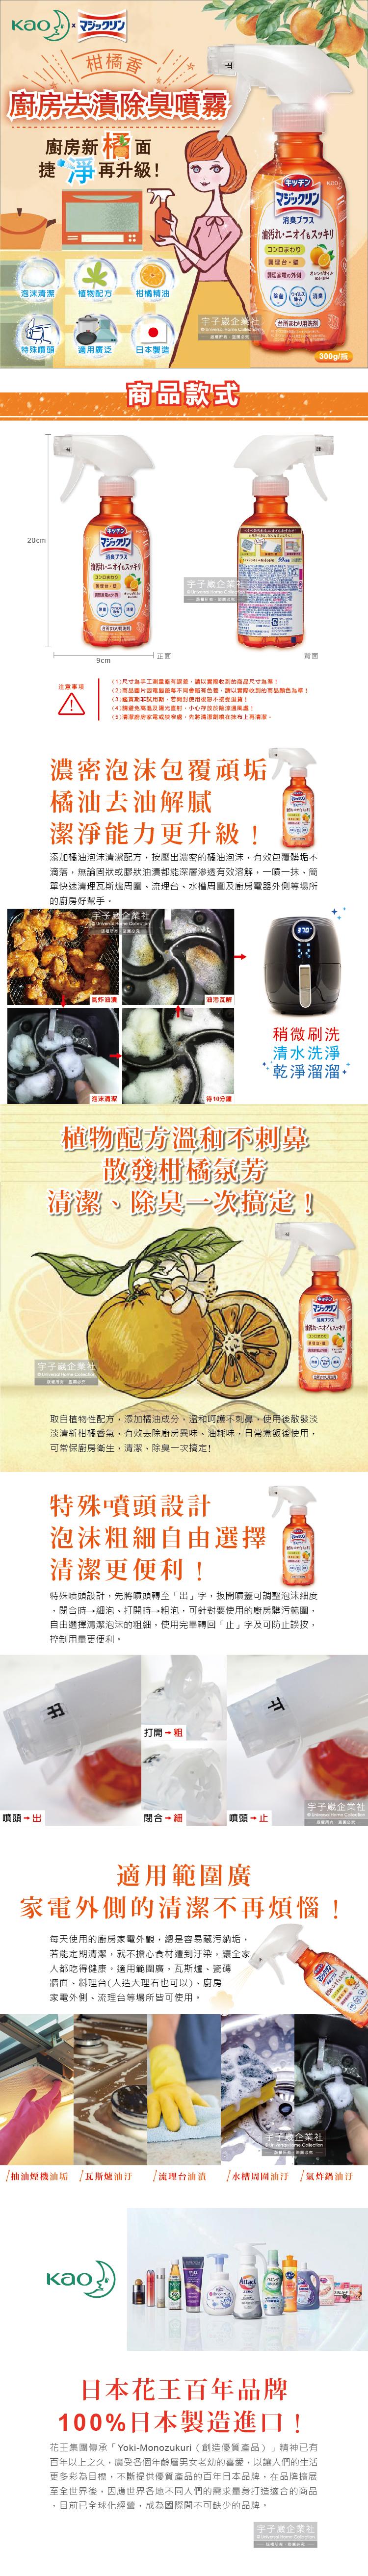 (清潔-除臭)-日本Kao花王-廚房去漬除臭噴霧300ml瓶裝(柑橘香)介紹圖